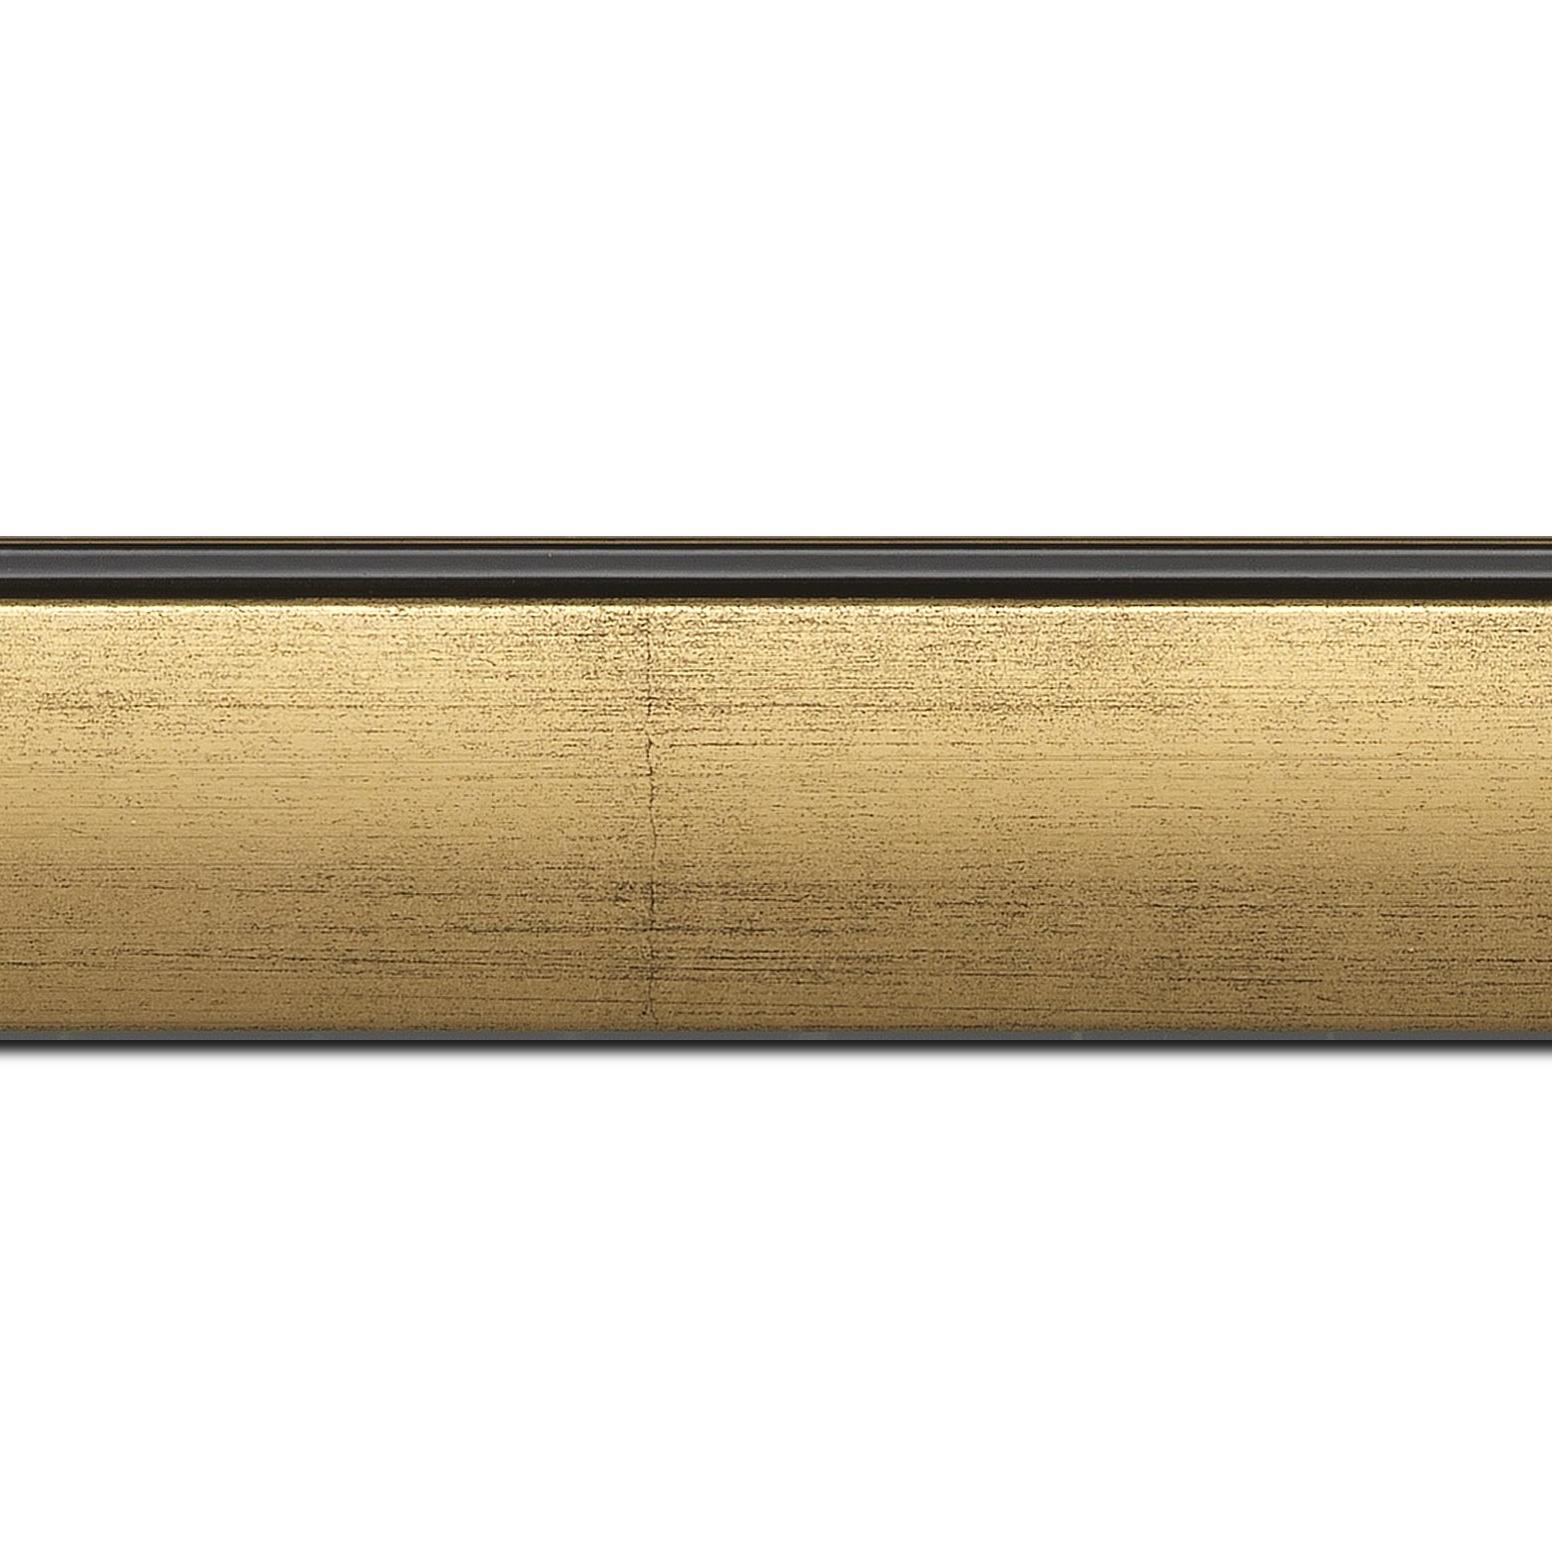 Pack par 12m, bois profil en pente méplat largeur 4.8cm or satiné surligné par une gorge extérieure noire : originalité et élégance assurée (longueur baguette pouvant varier entre 2.40m et 3m selon arrivage des bois)